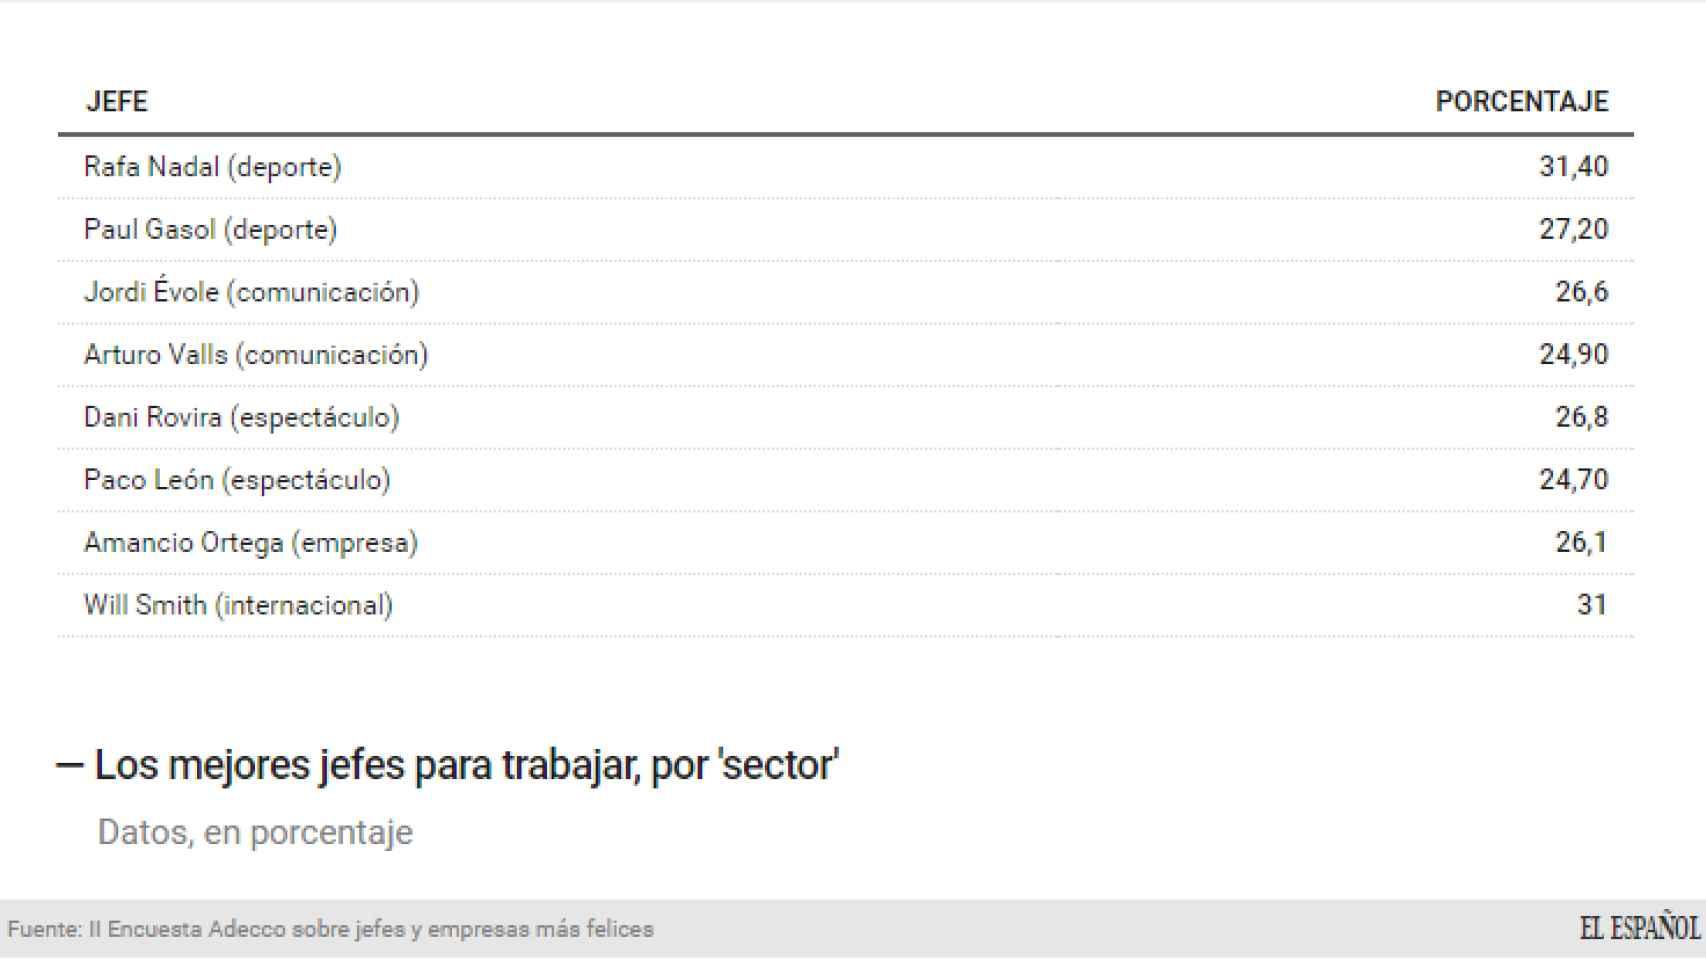 Los principales jefes elegidos por los españoles en cada área.